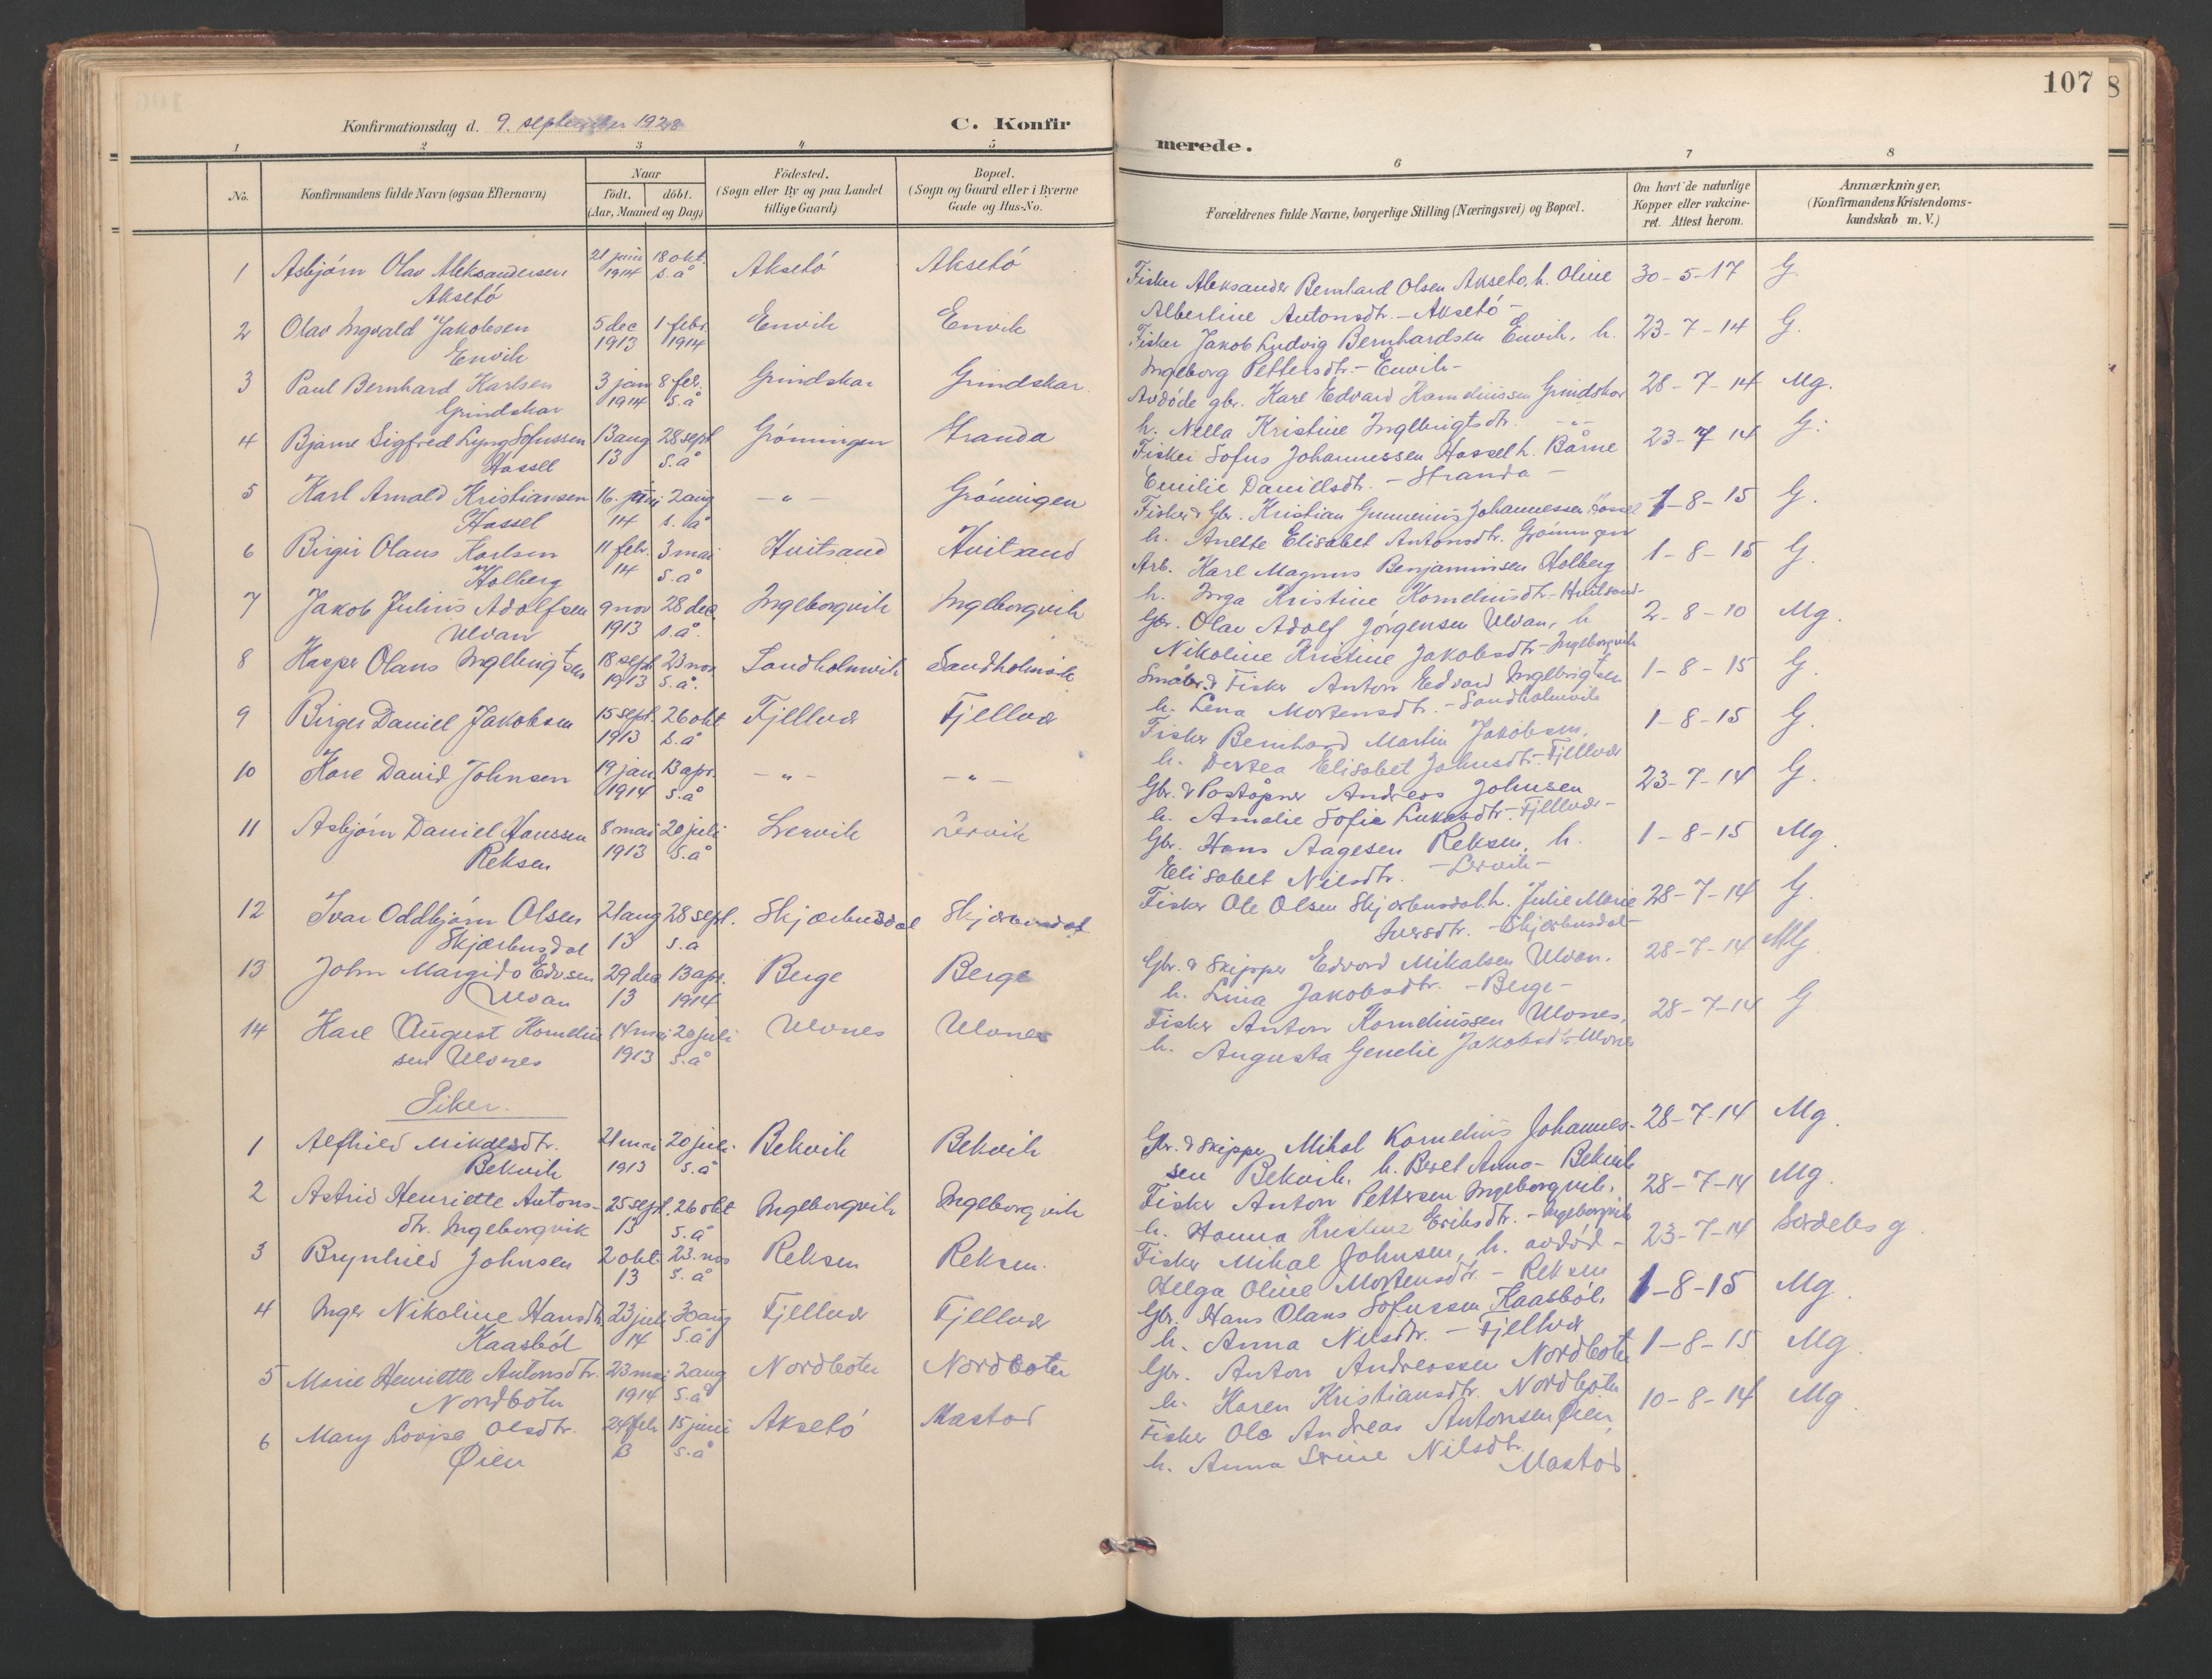 SAT, Ministerialprotokoller, klokkerbøker og fødselsregistre - Sør-Trøndelag, 638/L0571: Klokkerbok nr. 638C03, 1901-1930, s. 107